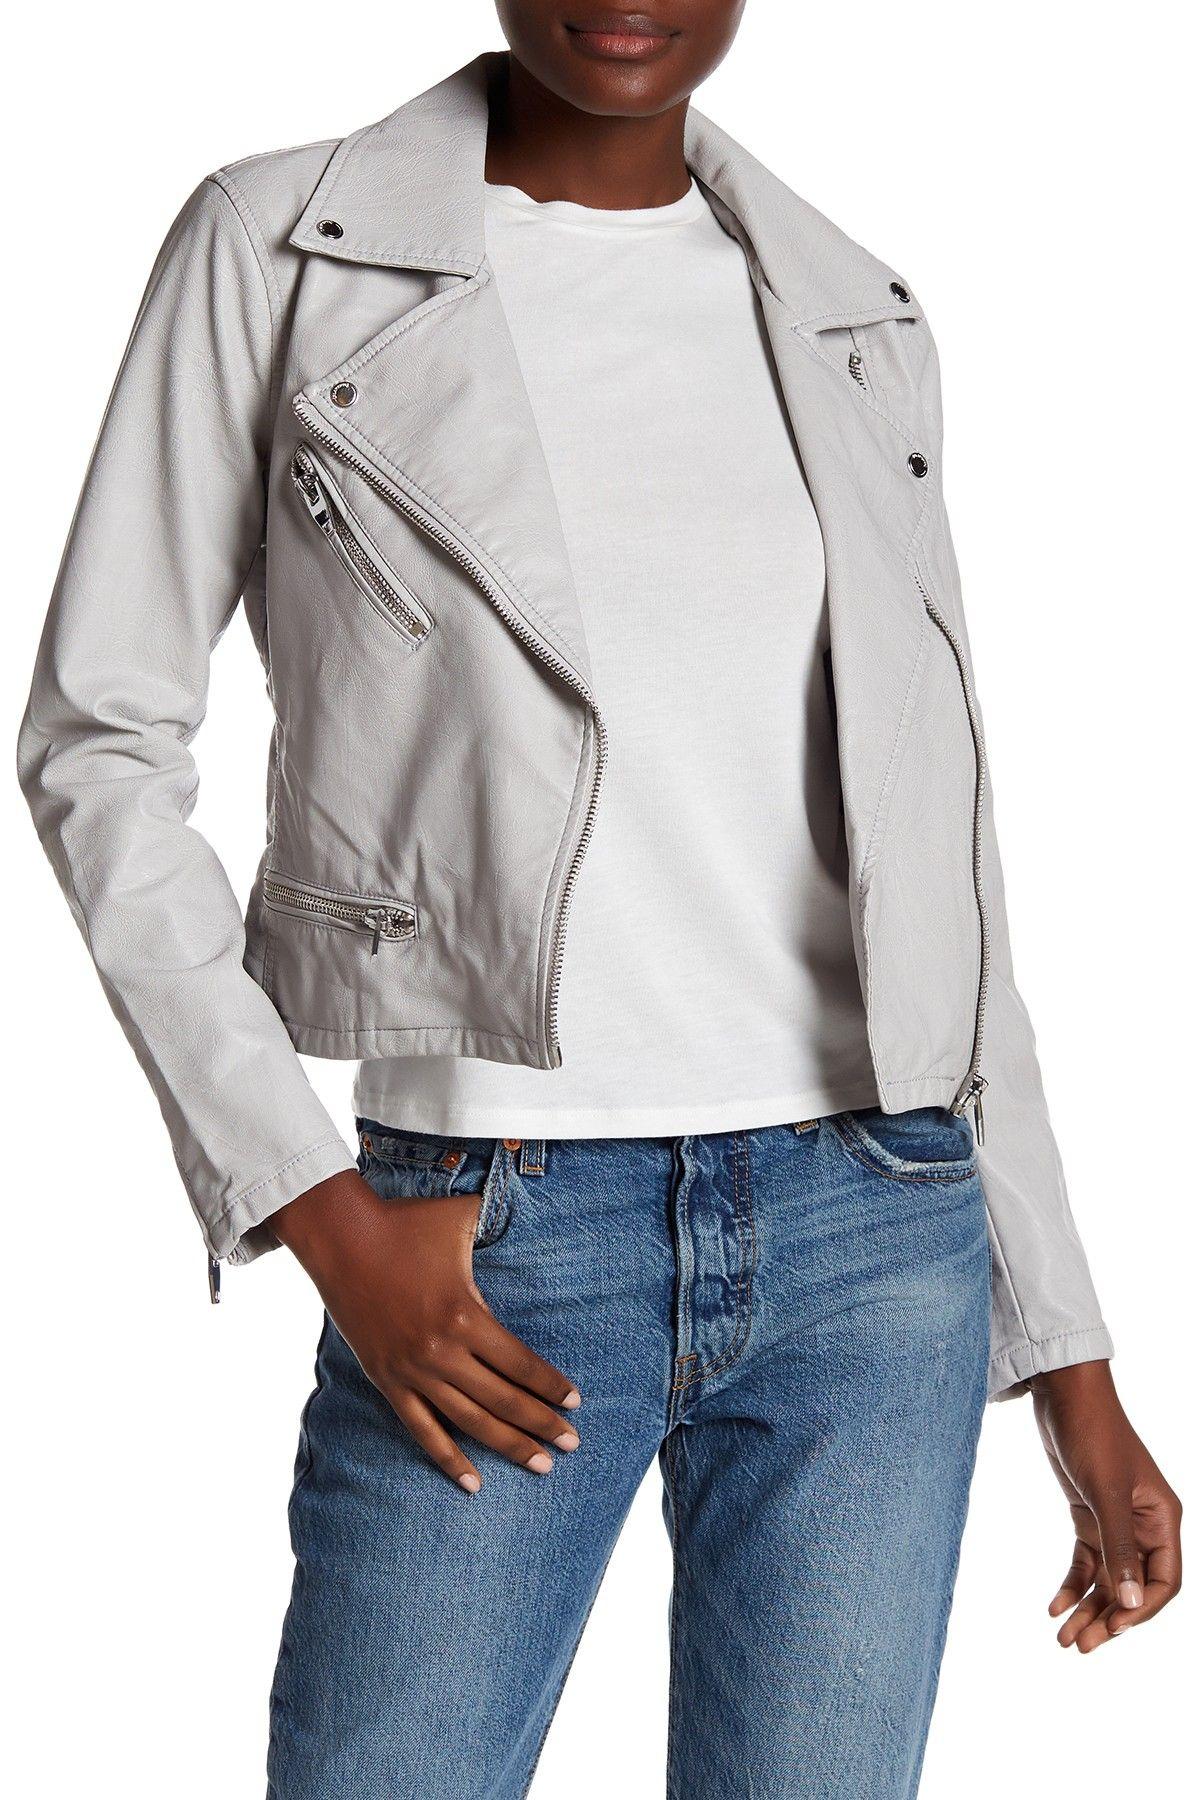 Blanknyc Denim Faux Leather Moto Jacket Nordstrom Rack Leather Moto Jacket Faux Leather Moto Jacket Nordstrom Jackets [ 1800 x 1200 Pixel ]